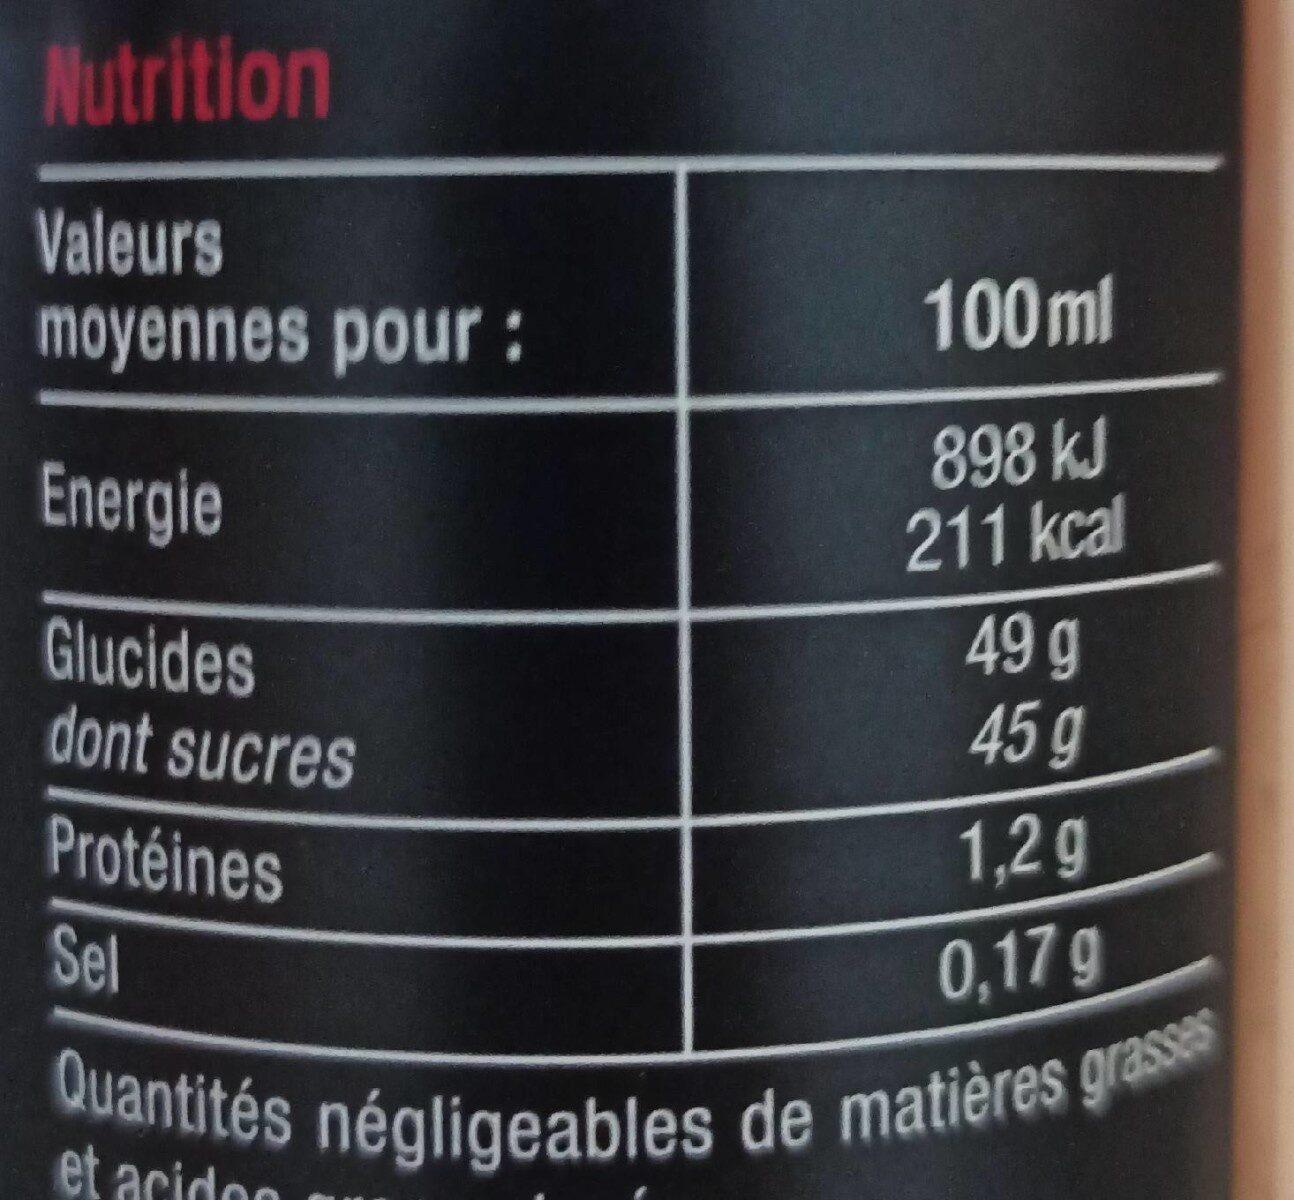 Douceur de vinaigre balsamique de Modène - Informations nutritionnelles - fr